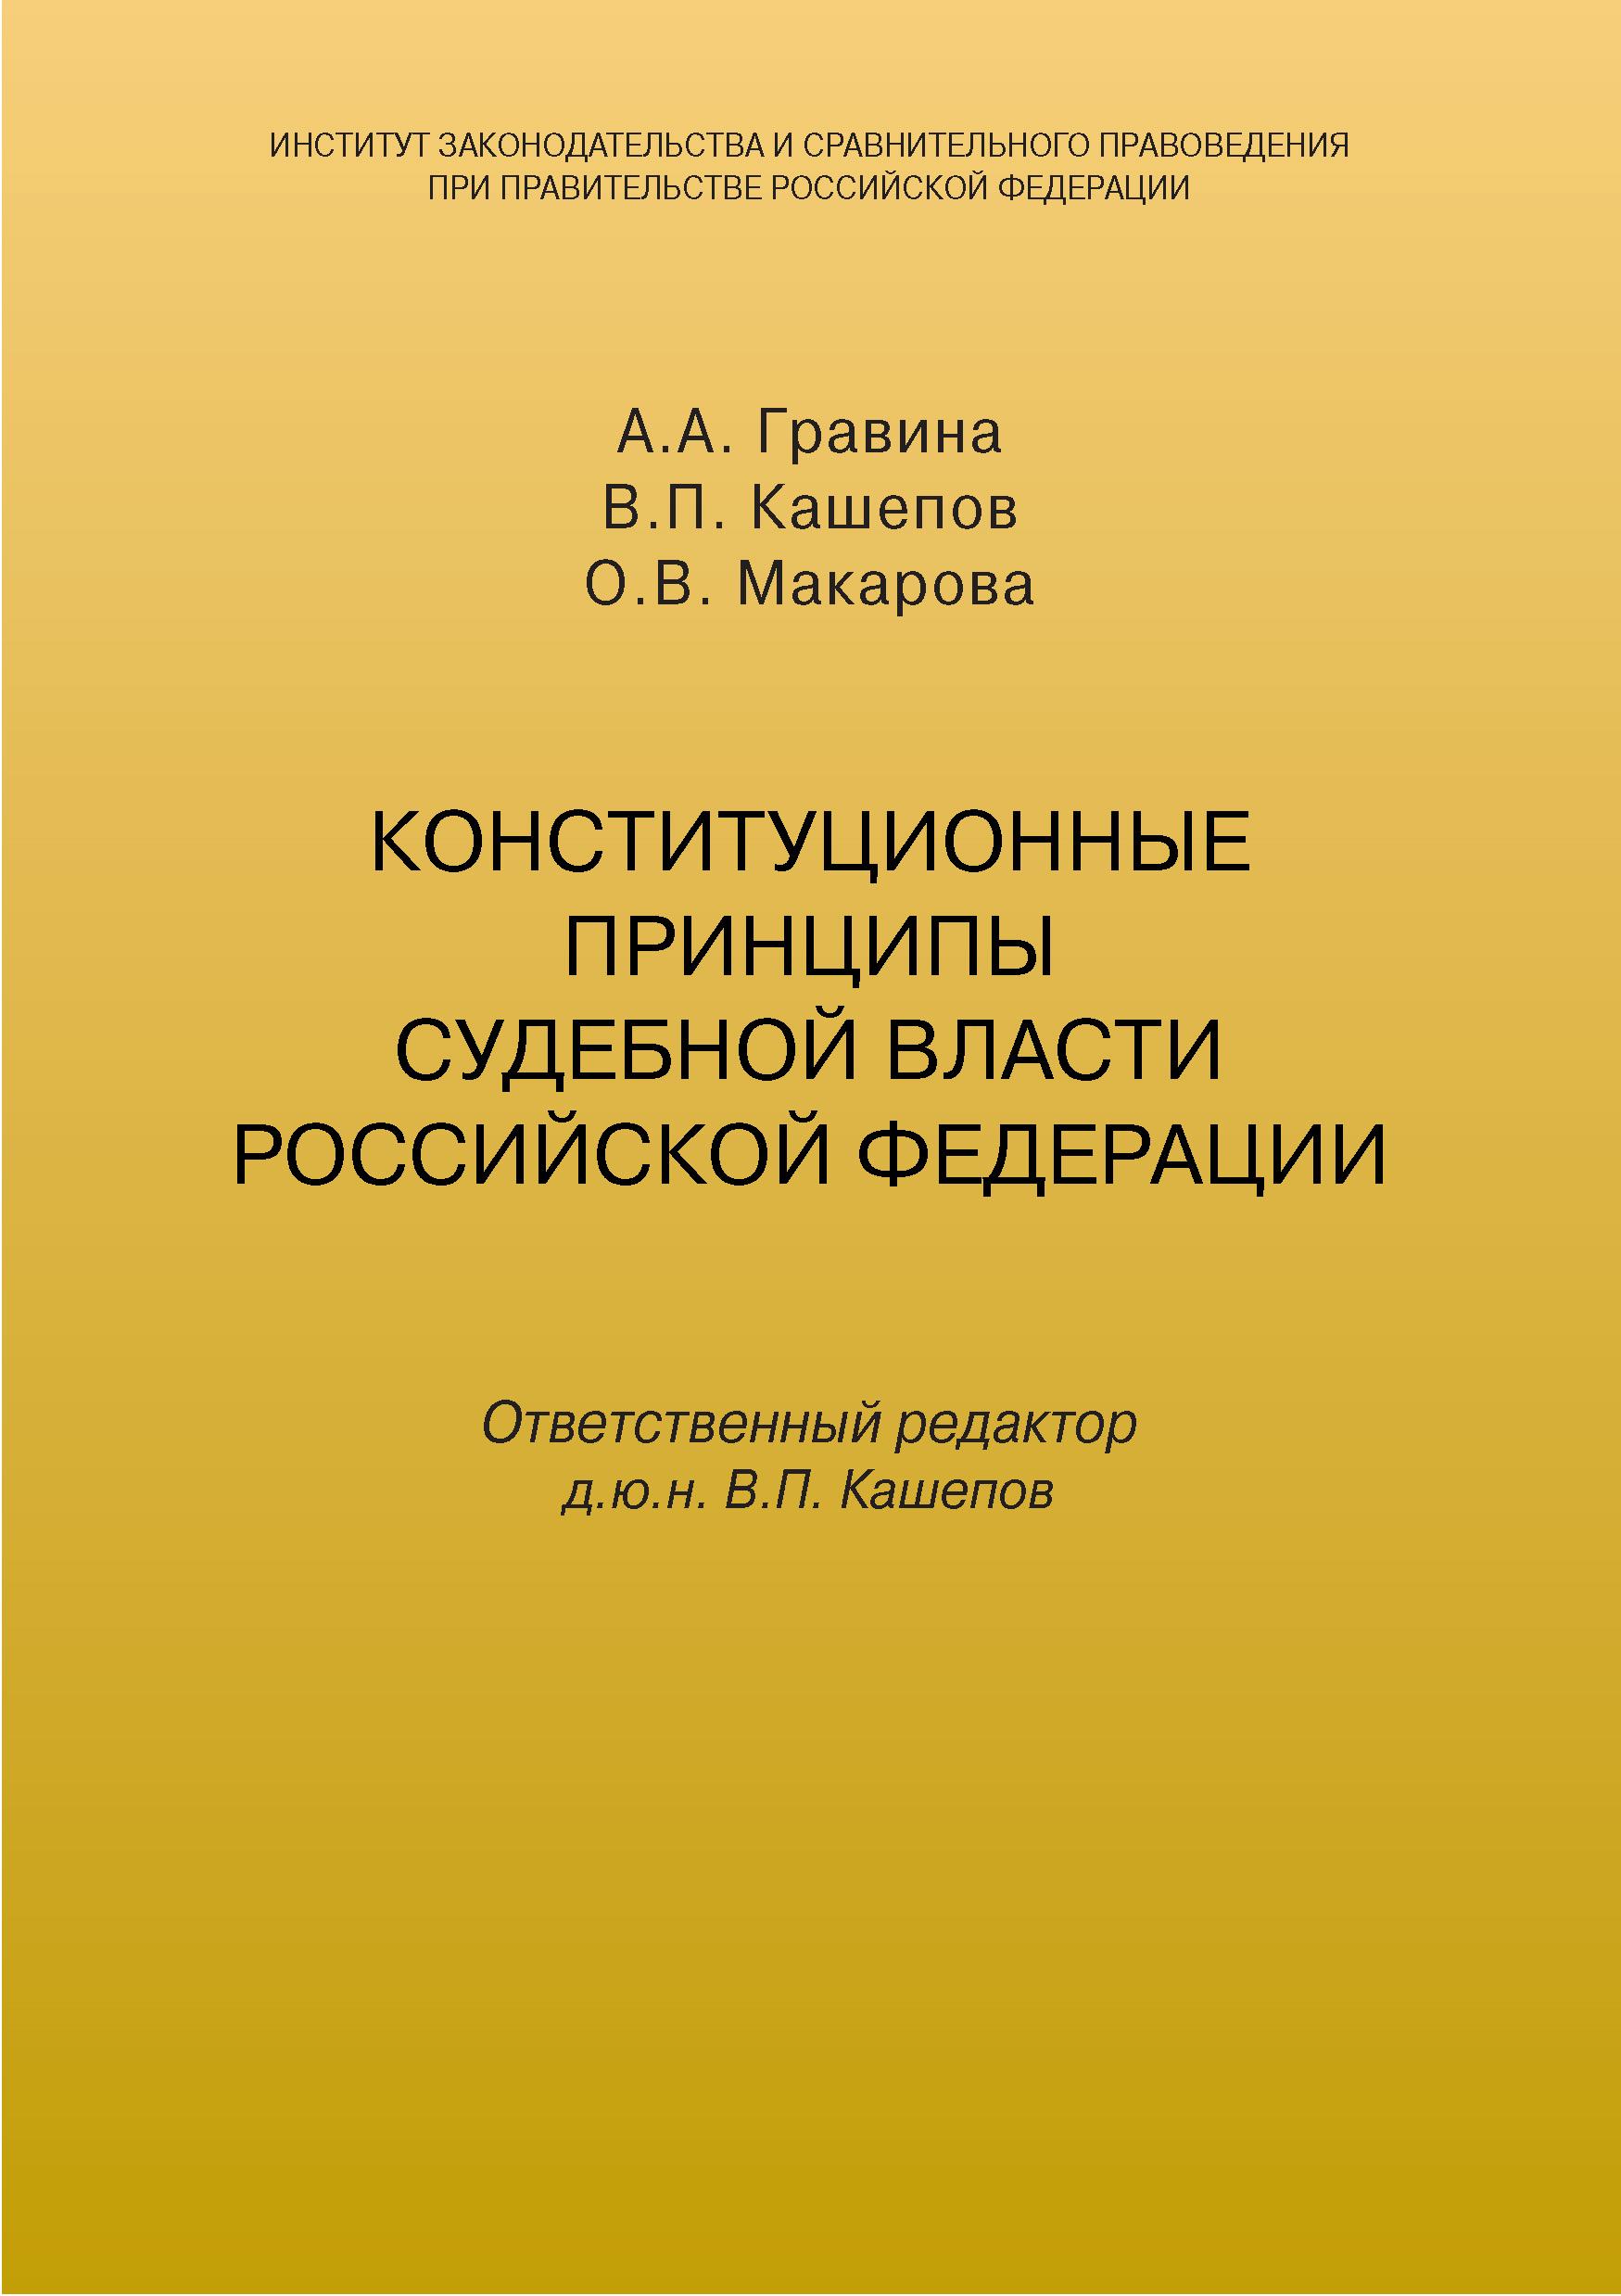 В. П. Кашепов Конституционные принципы судебной власти Российской Федерации н к ренненкампф еще о сущности судебной реформы